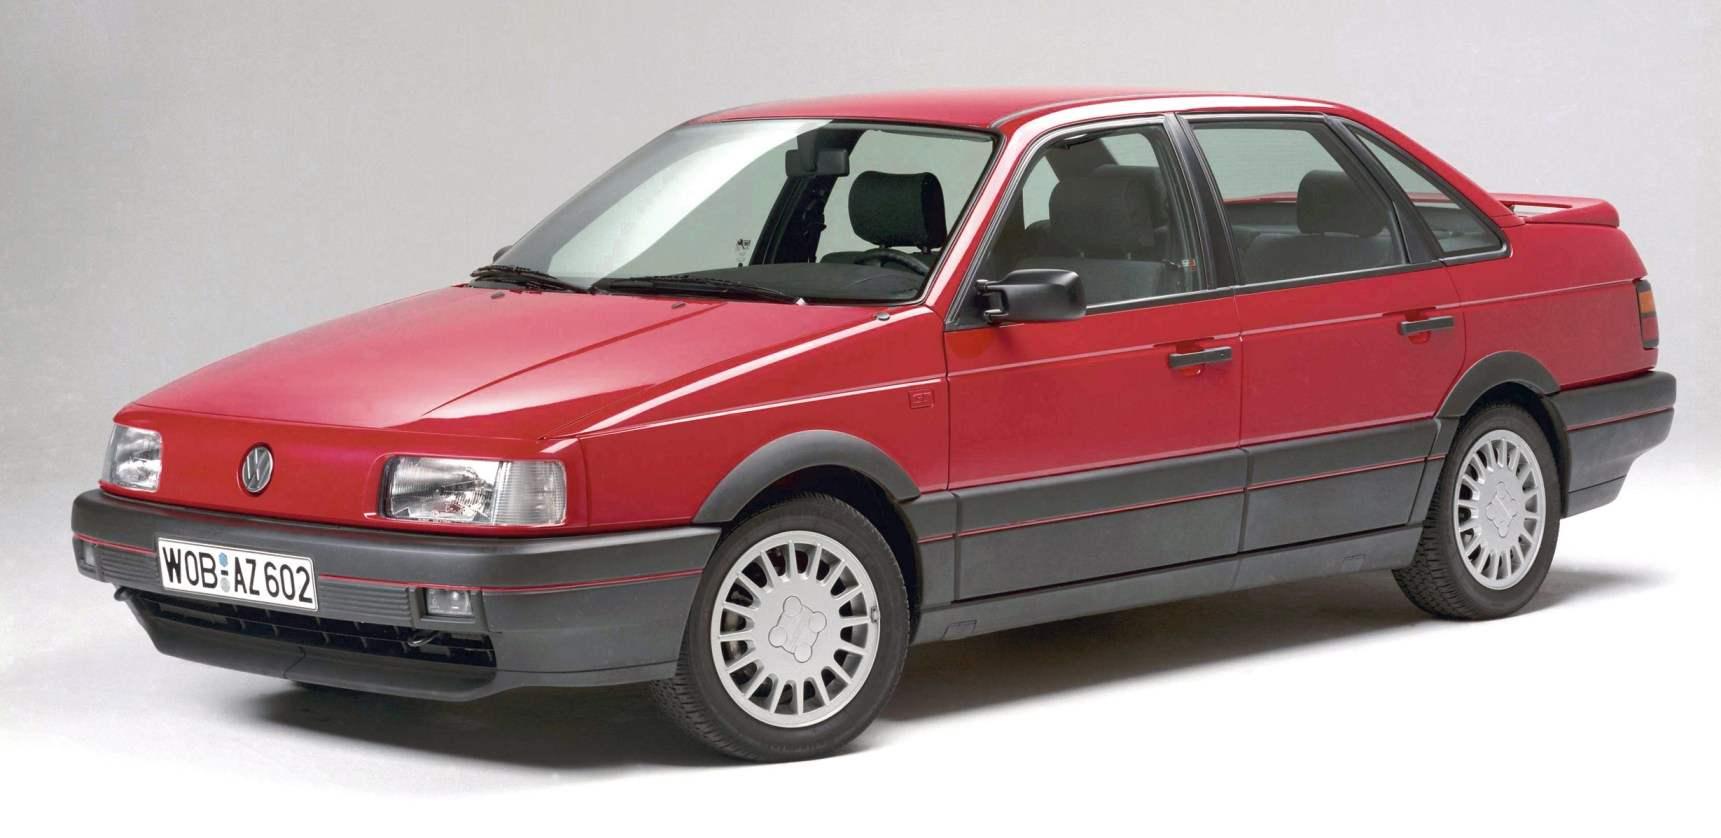 VW PASSAT третьего поколения (1988 г.)